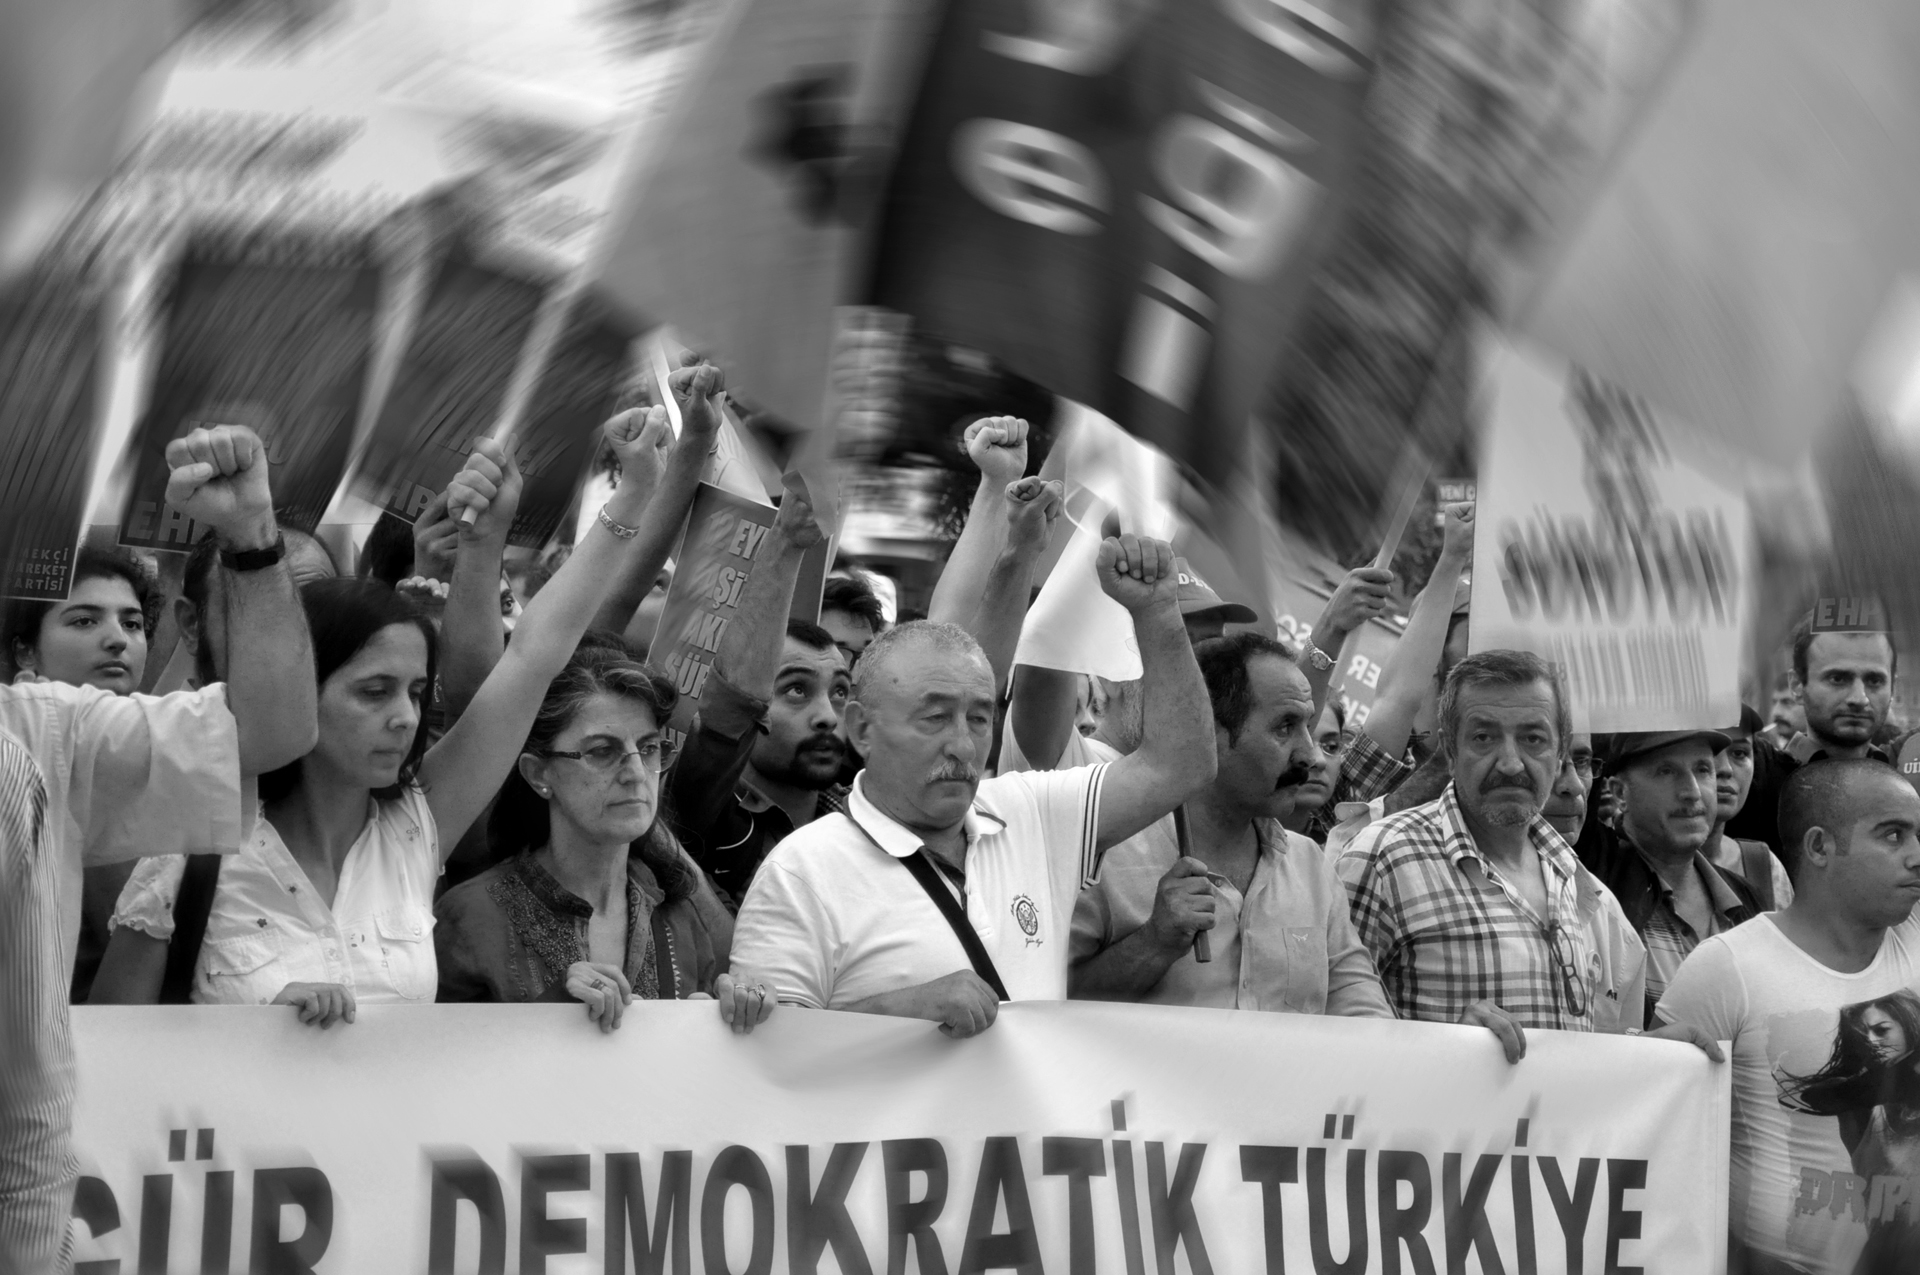 כח לעם - איסטנבול- הפגנה - צדק לעם - יואל שתרוג - אדמה יוצרת - yoel sitruk